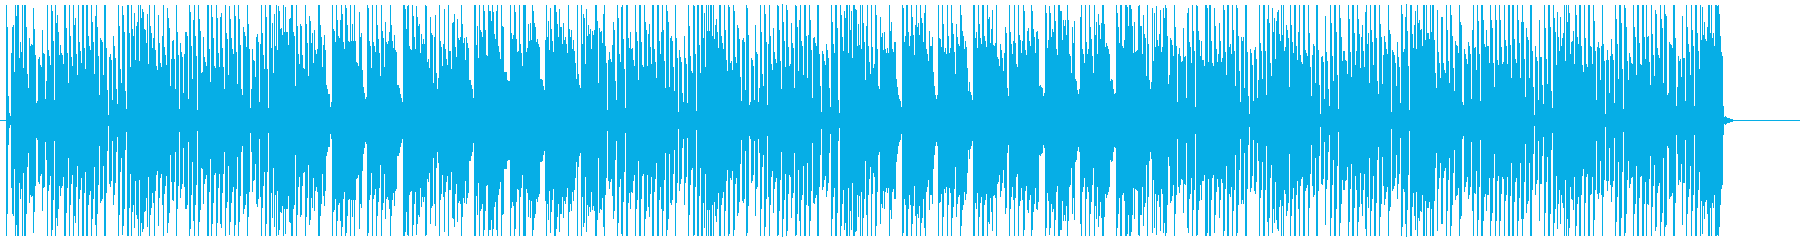 エレピとトランペットで陽気なレゲエ調♪の再生済みの波形